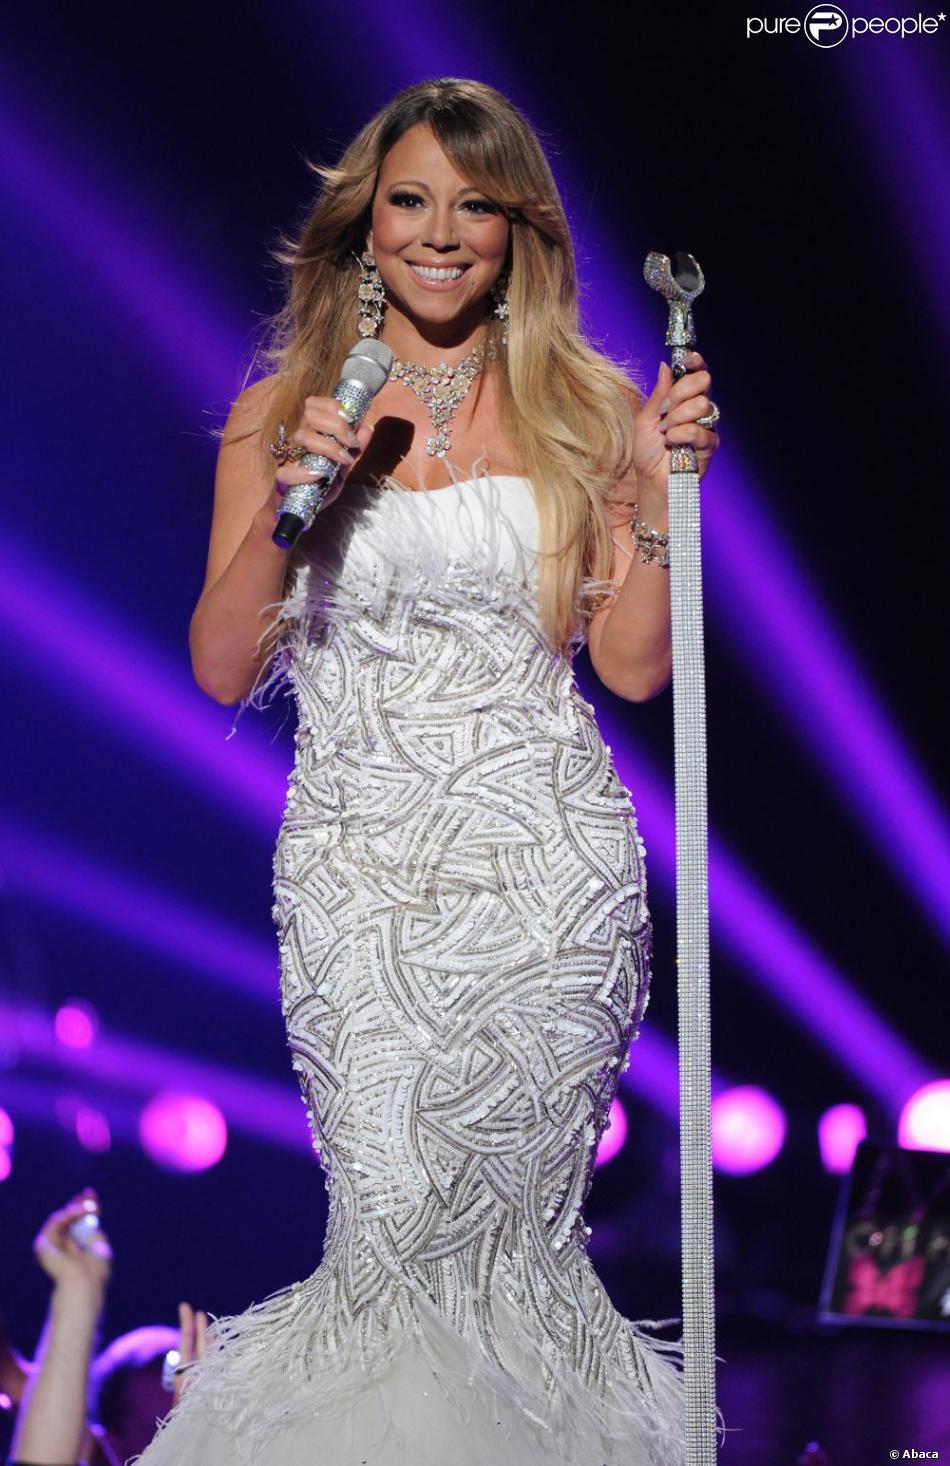 La diva Mariah Carey sur la scène de la finale de la 12e saison d'American Idol, à Los Angeles, le 16 mai 2013.